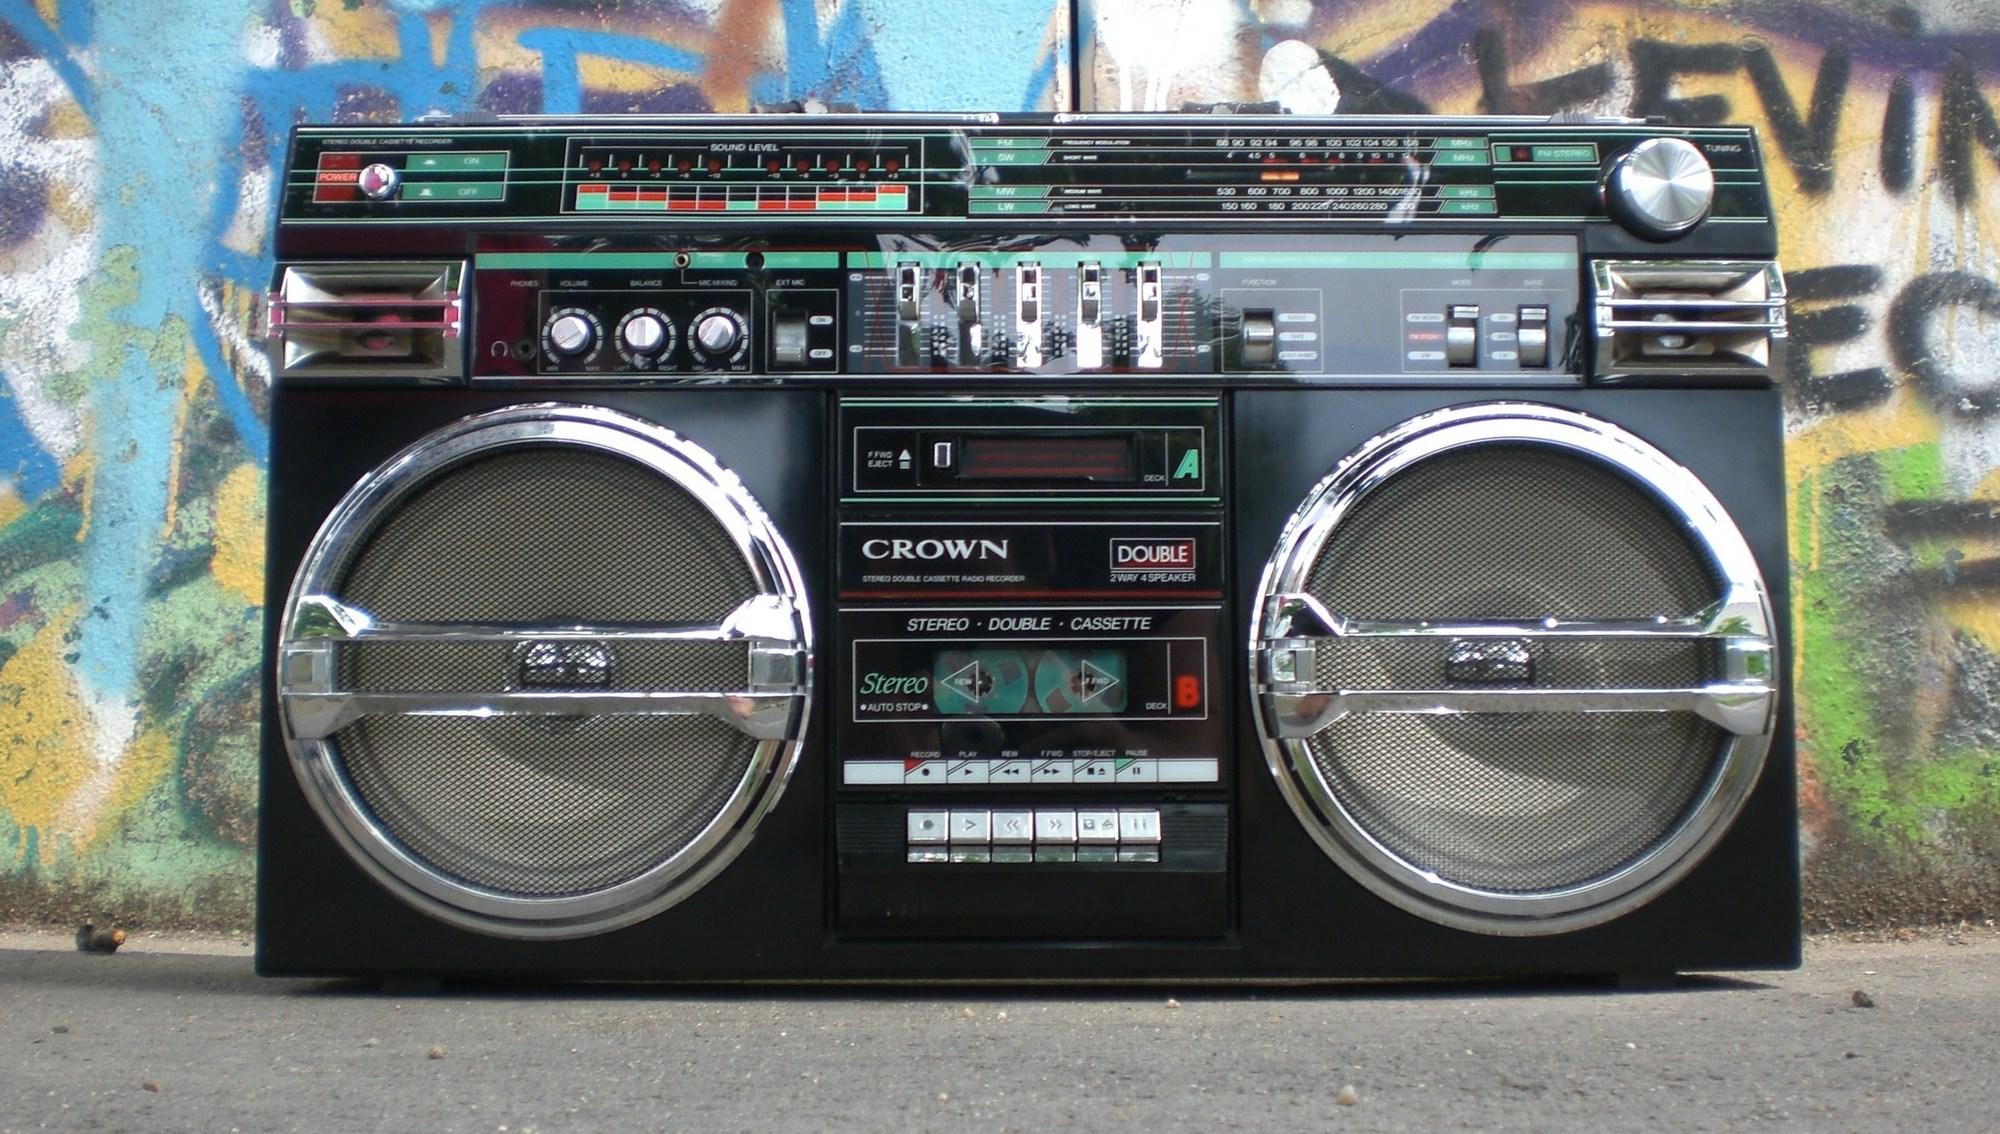 Radiostations draaien You'll Never Walk Alone op hetzelfde moment